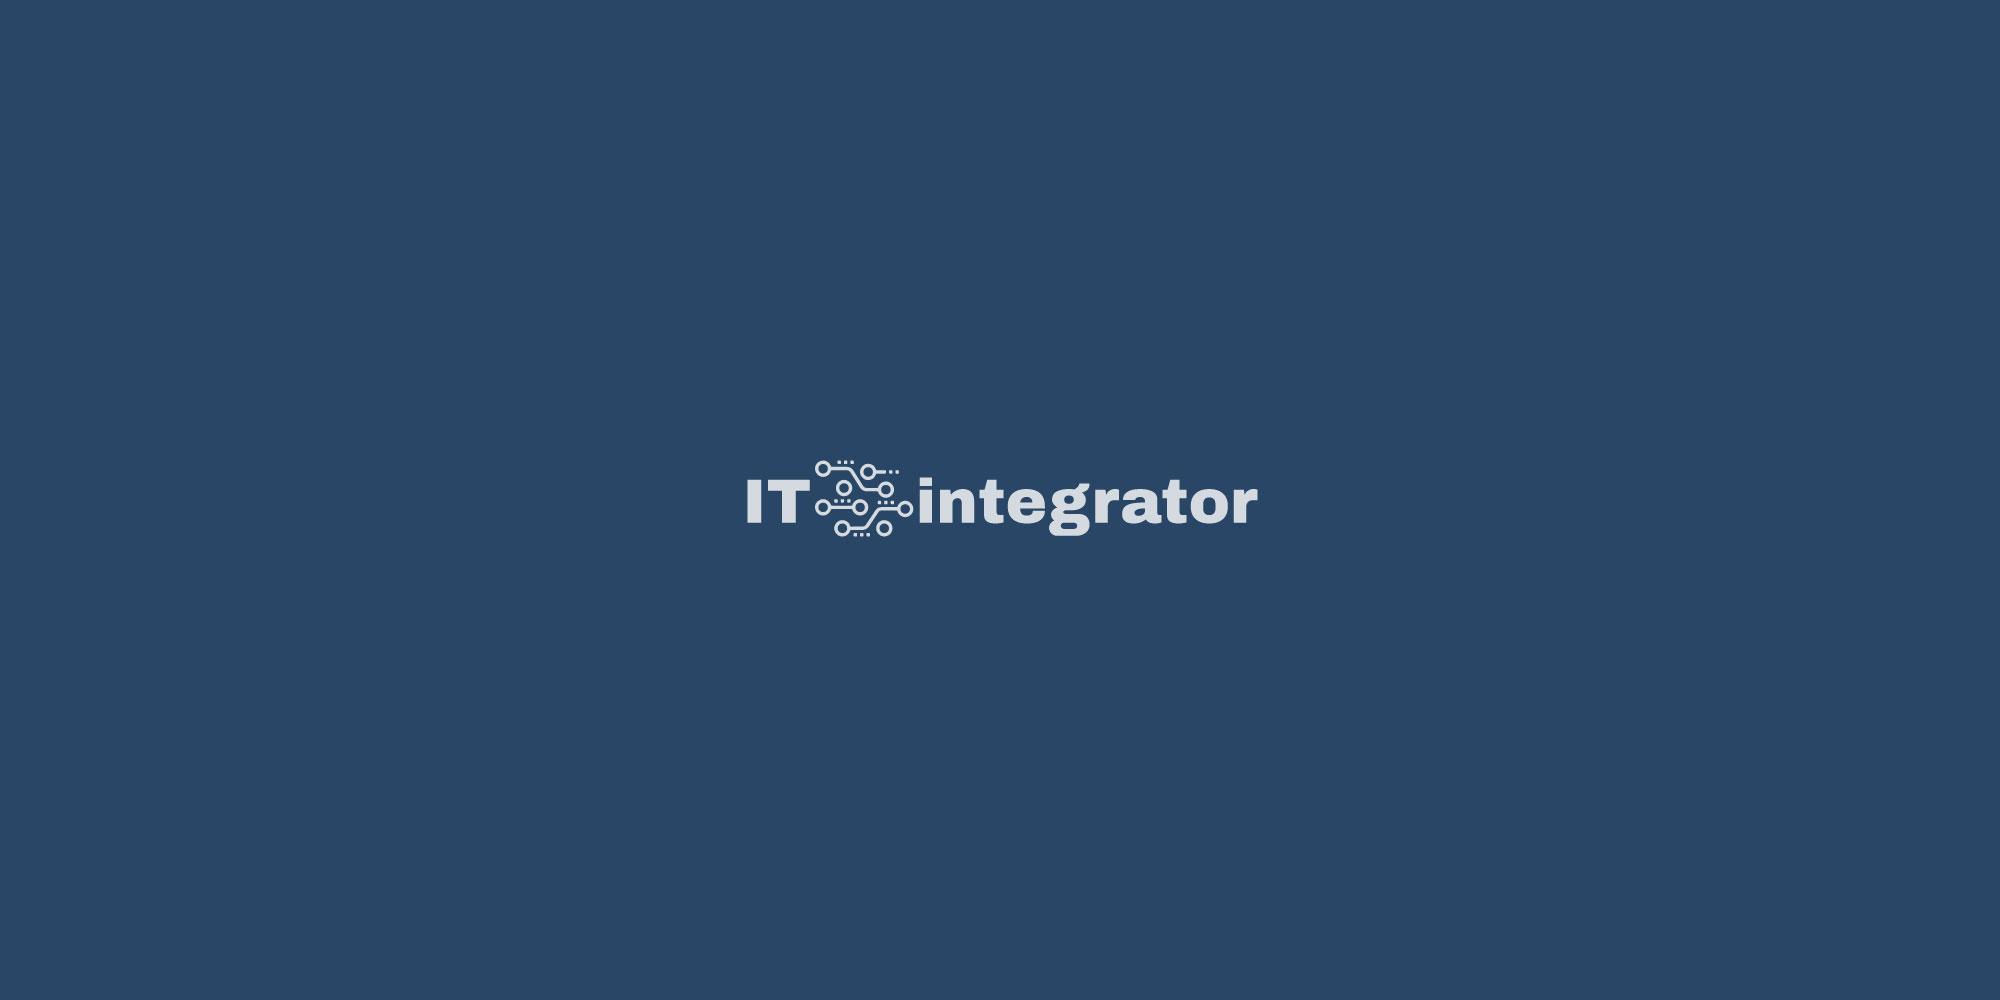 Логотип для IT интегратора фото f_285614c5b68e9a8e.jpg